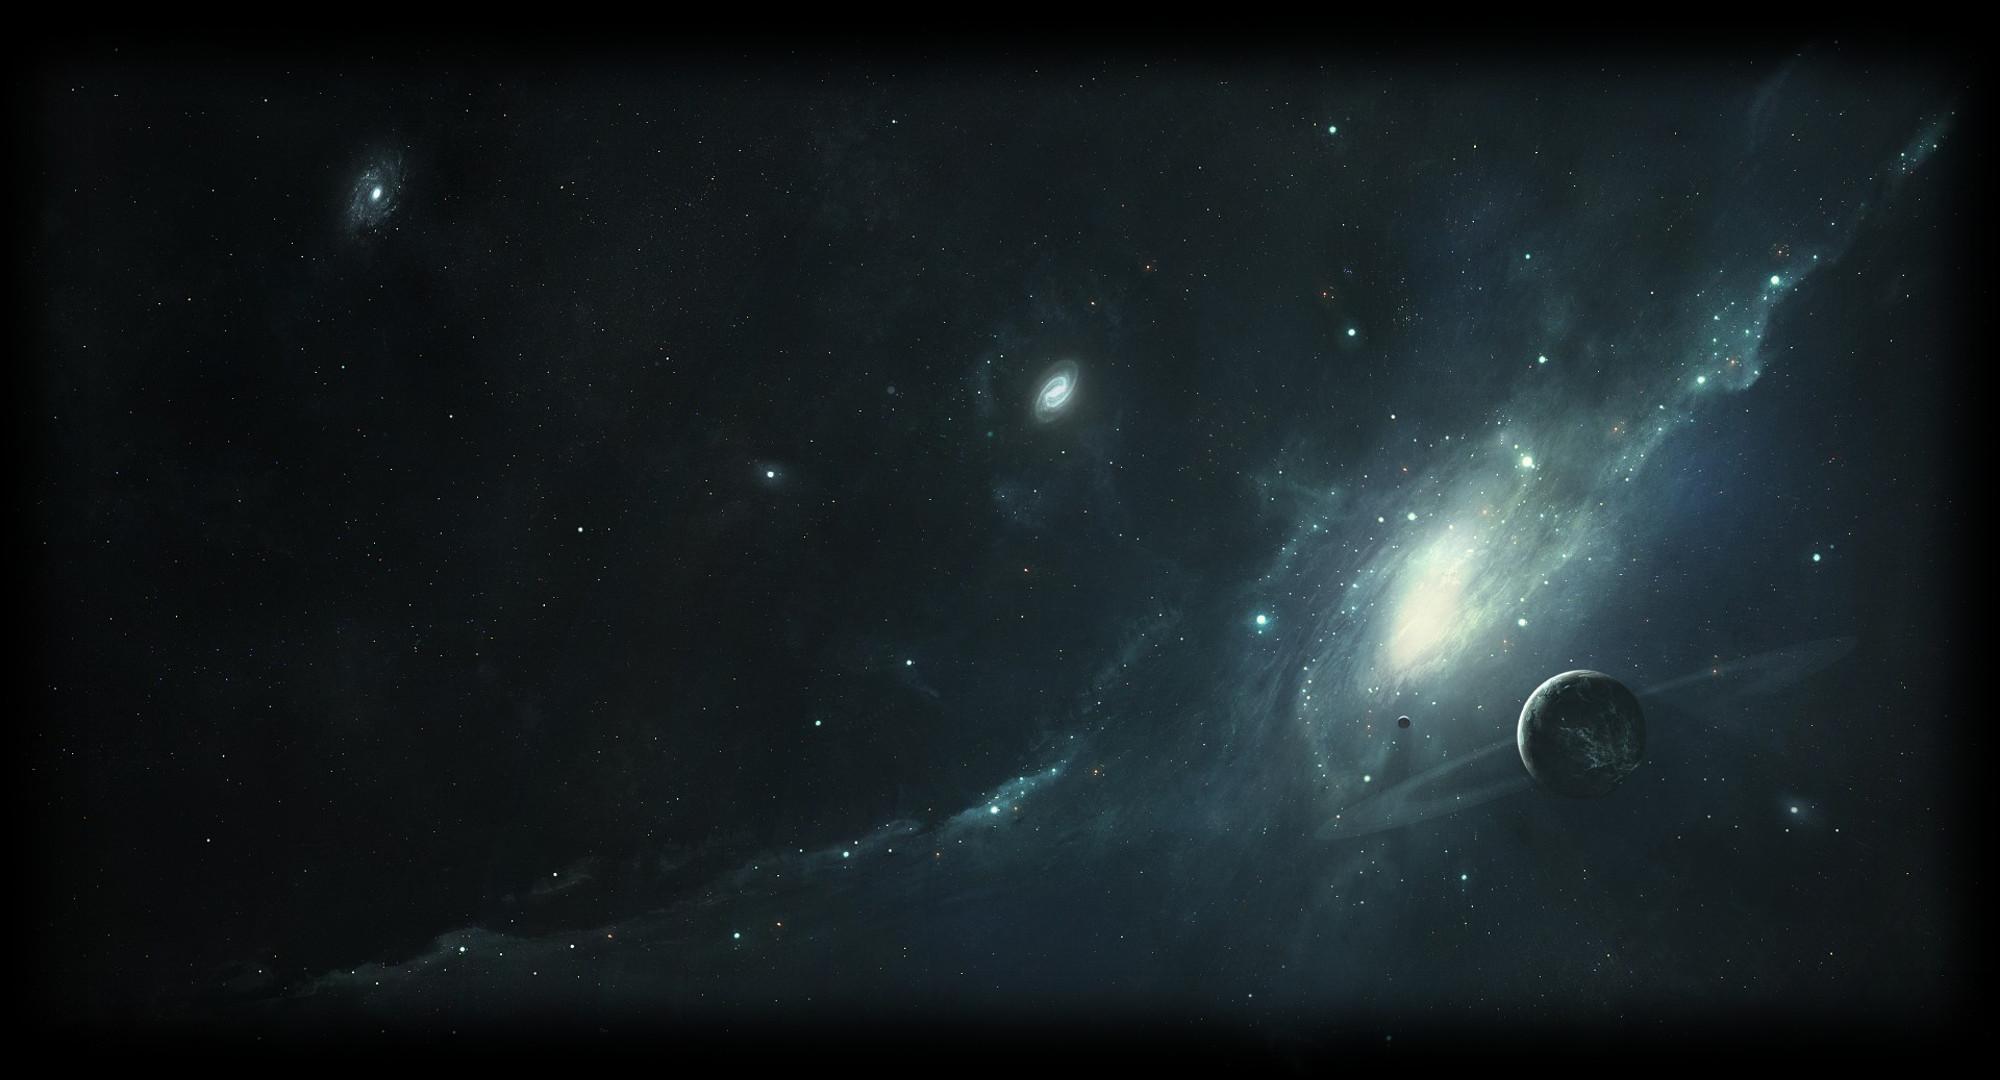 J Star Cluster Killjoys Wiki FANDOM powered by Wikia 2000x1080